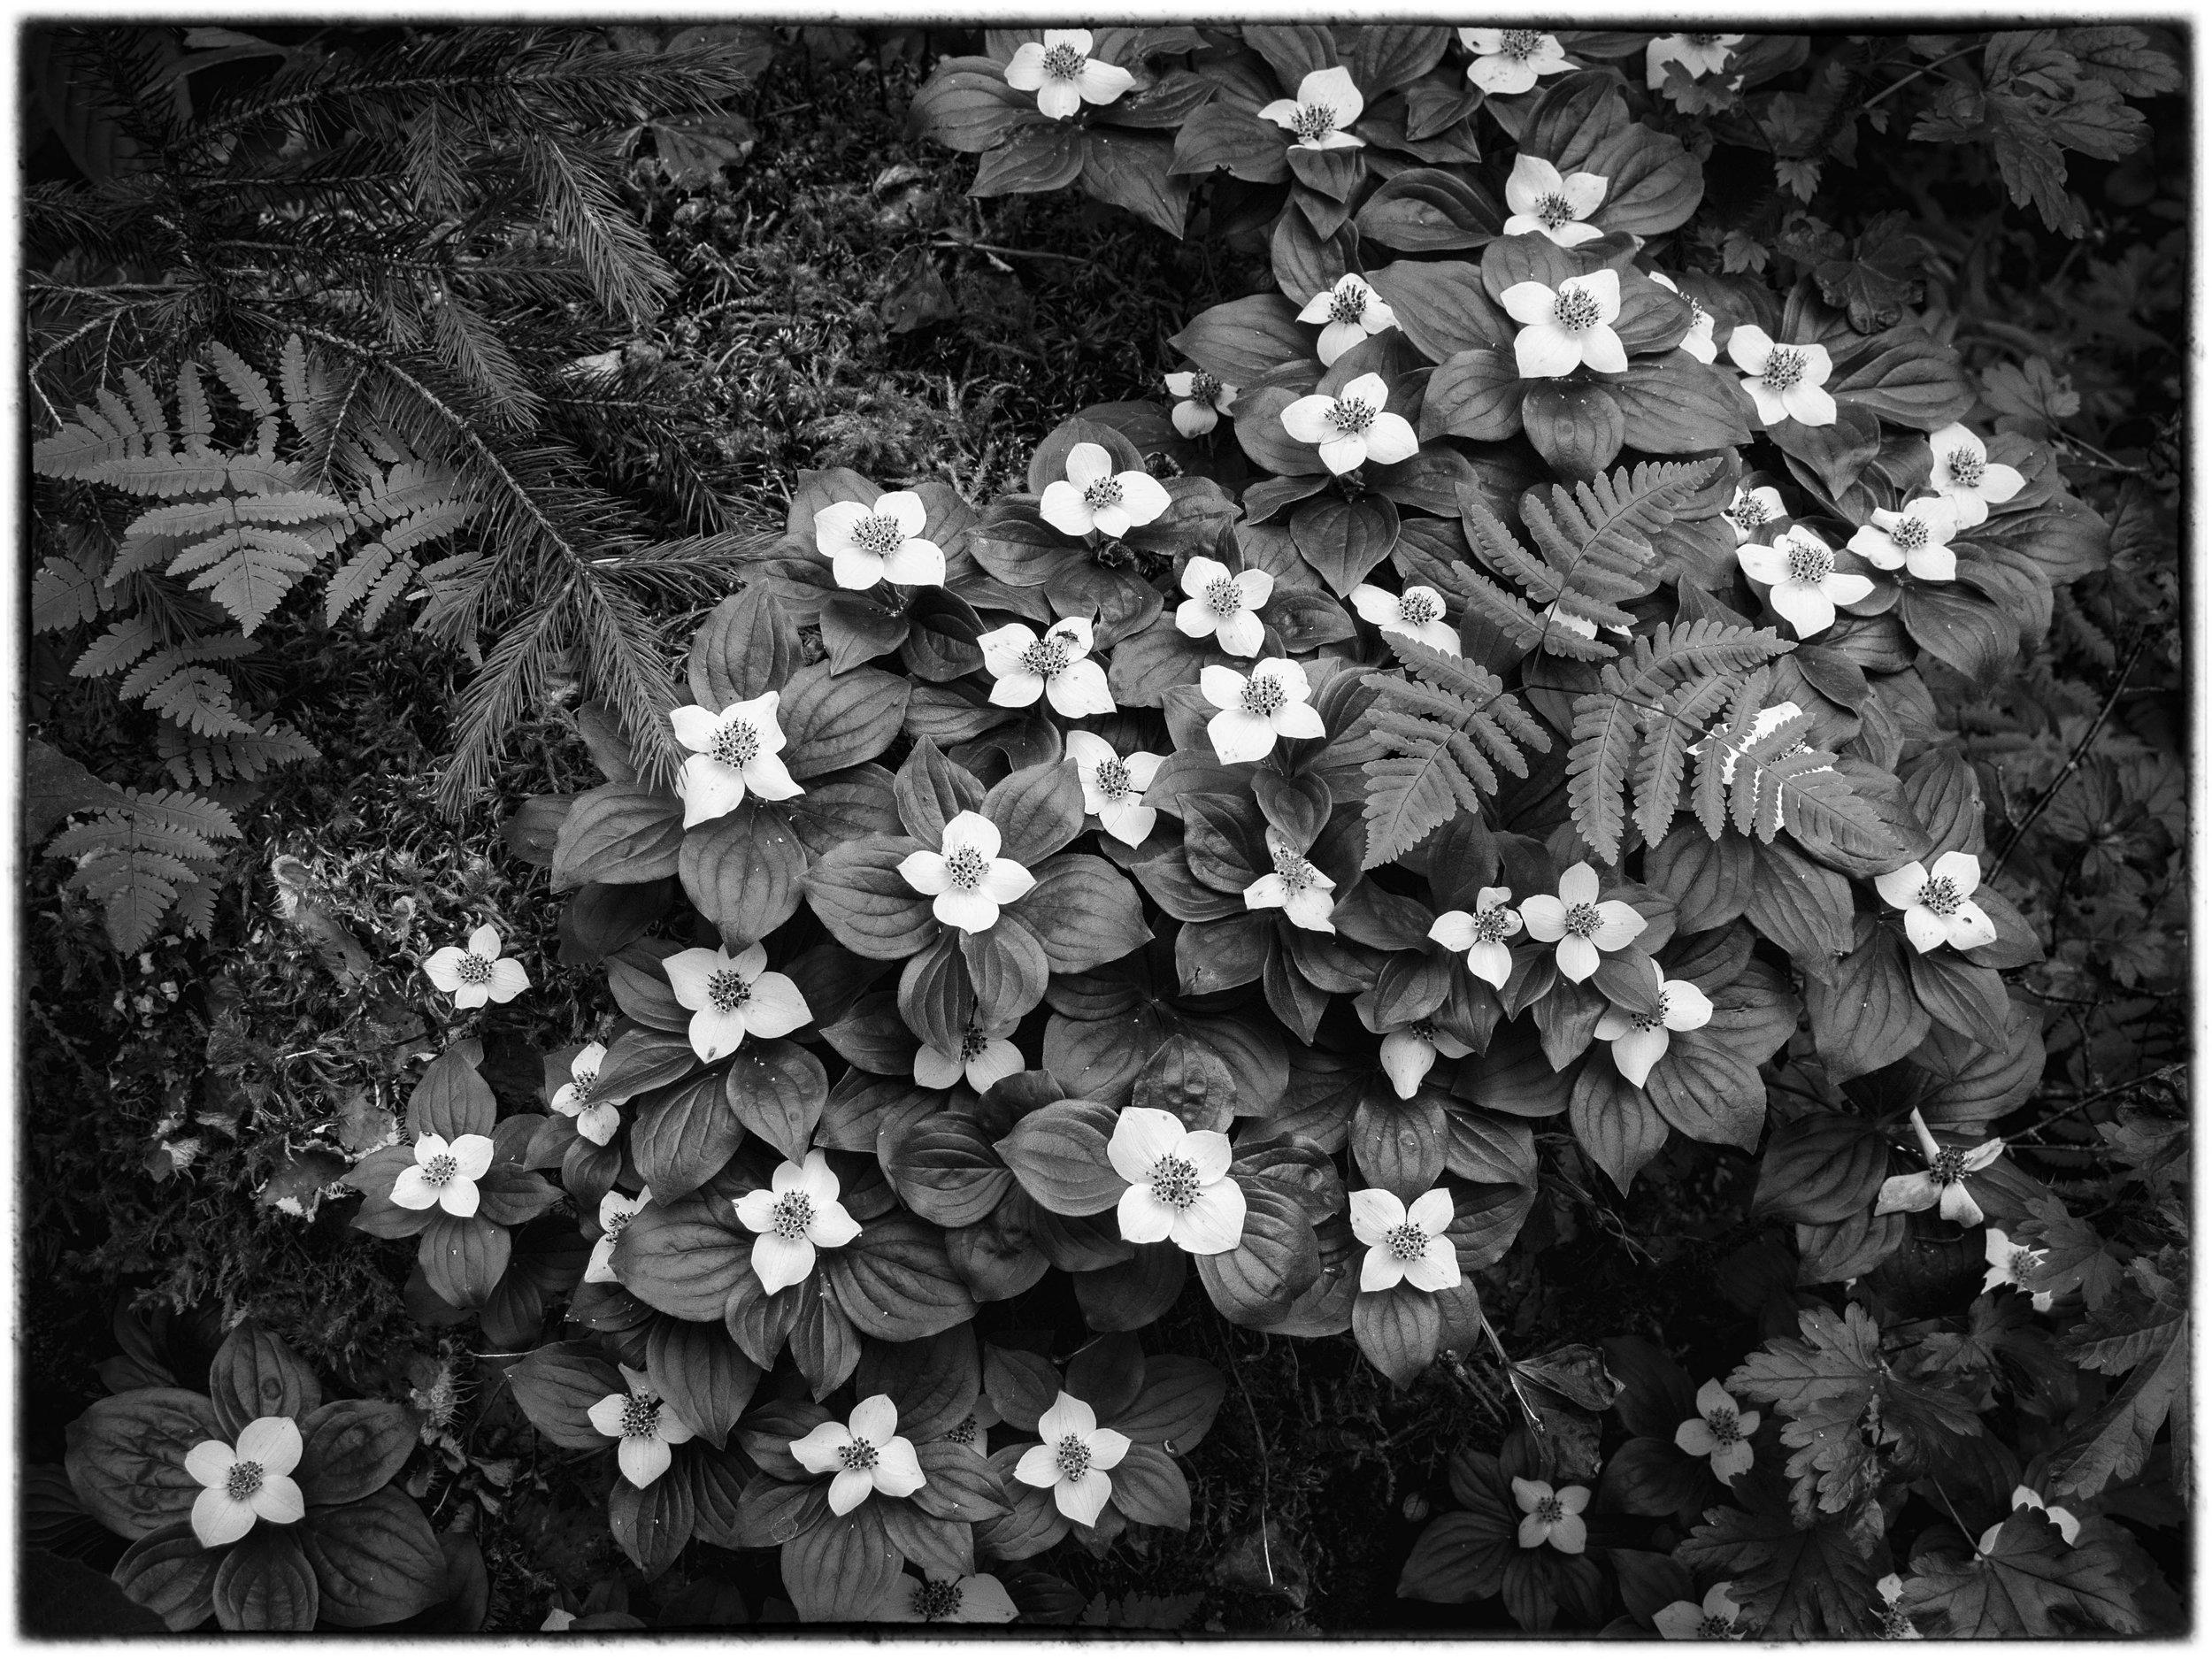 Bunchberry, Wells Grey provincial park